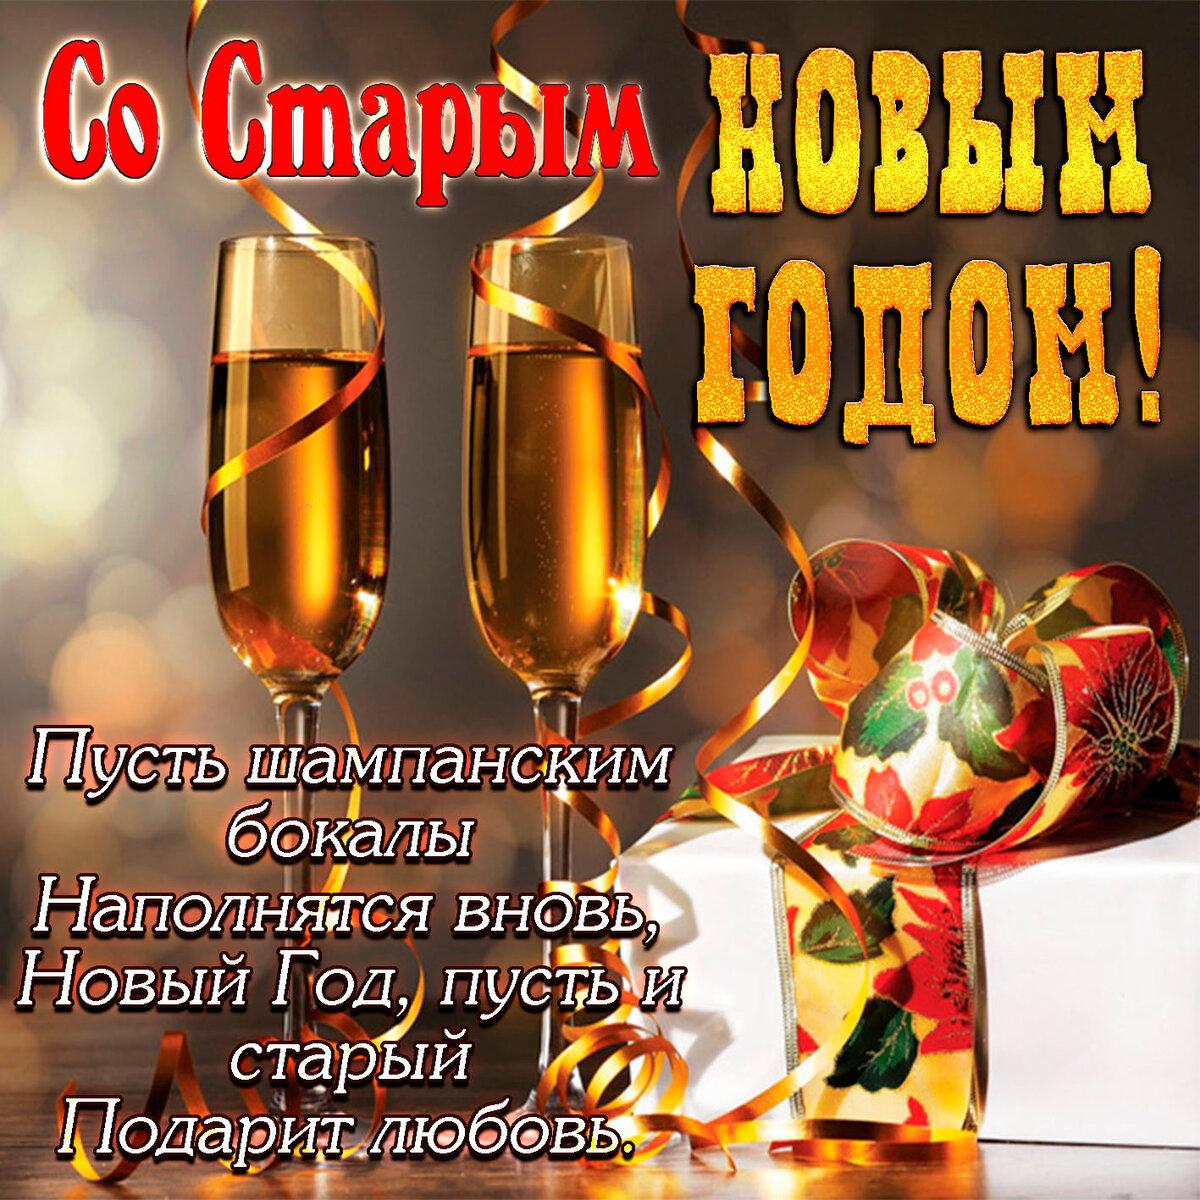 Старый новый год прикольные поздравления фото